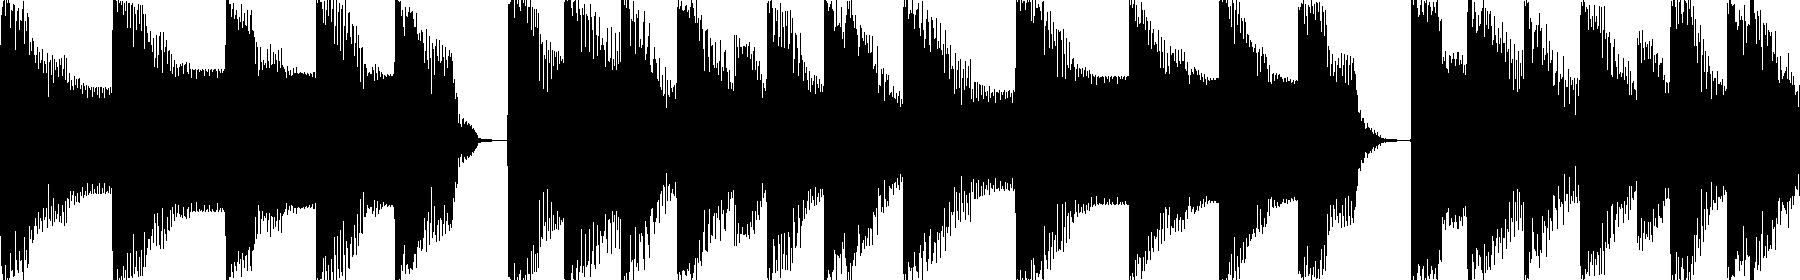 vedh melodyloop 043 gm 126bpm